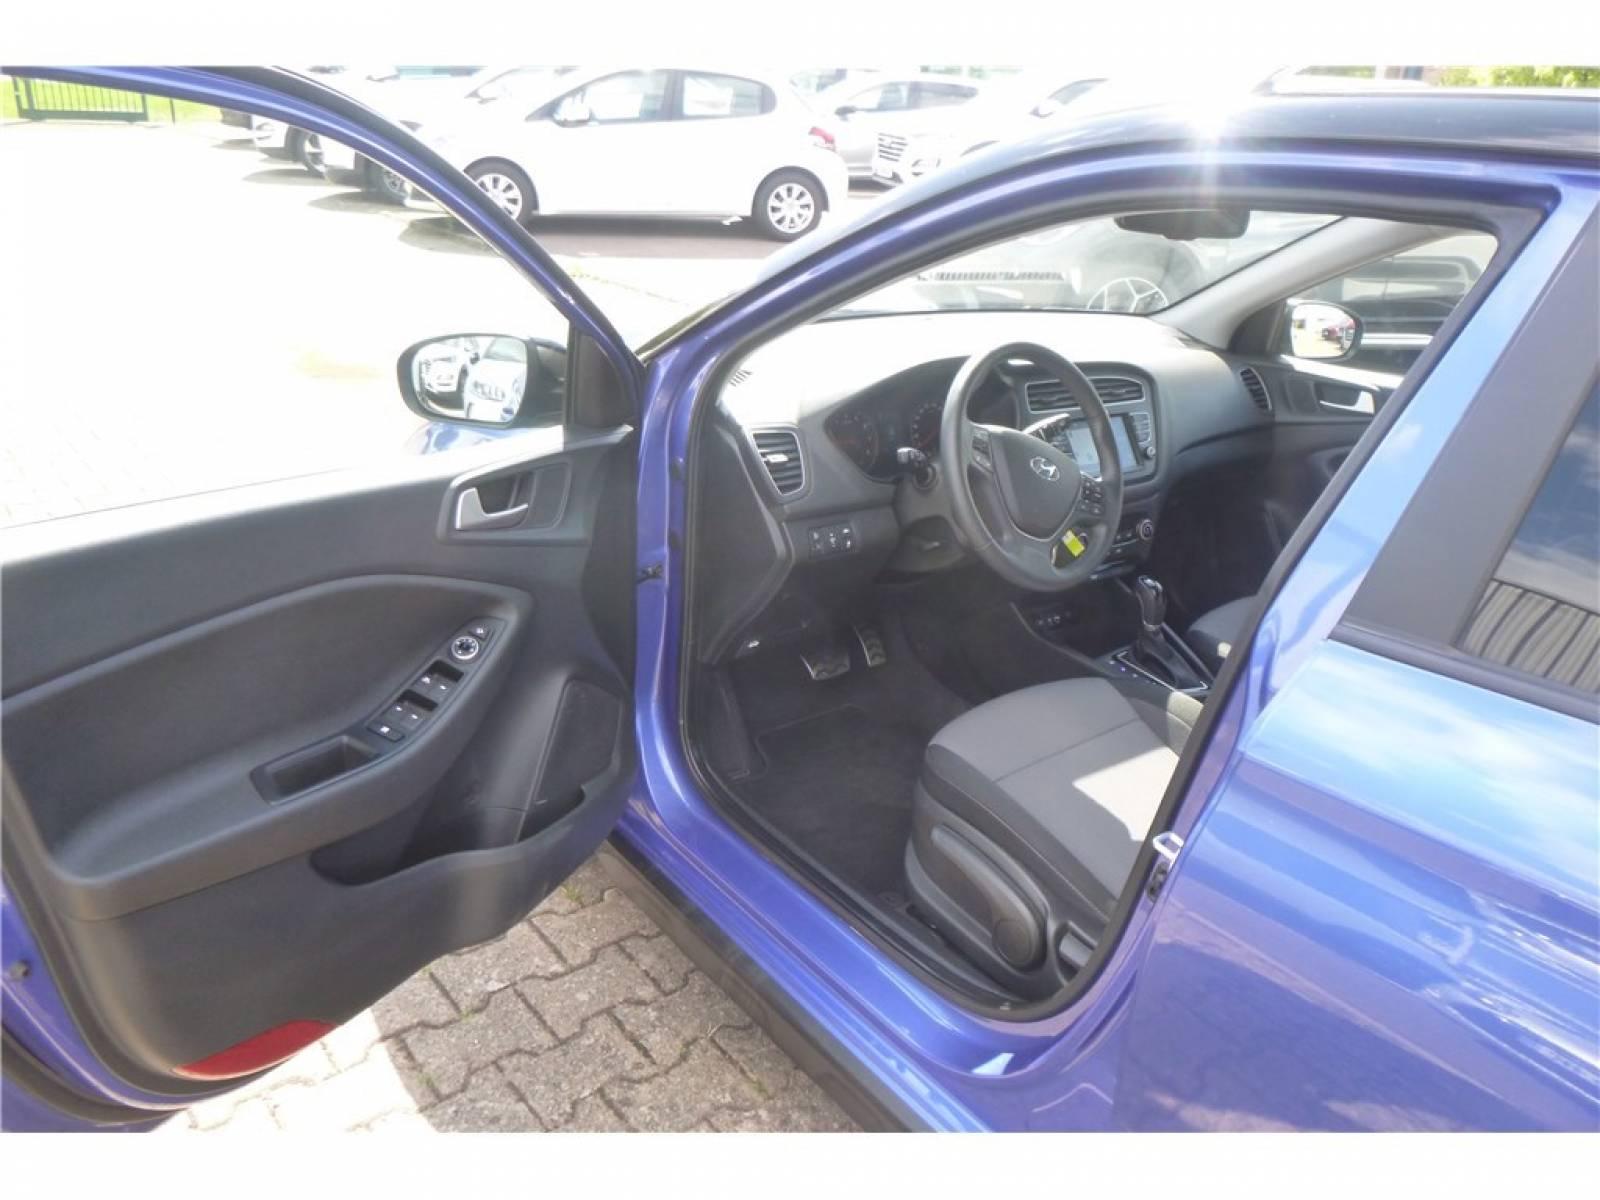 HYUNDAI i20 Active 1.0 T-GDi 100 DCT-7 - véhicule d'occasion - Groupe Guillet - Opel Magicauto - Chalon-sur-Saône - 71380 - Saint-Marcel - 12